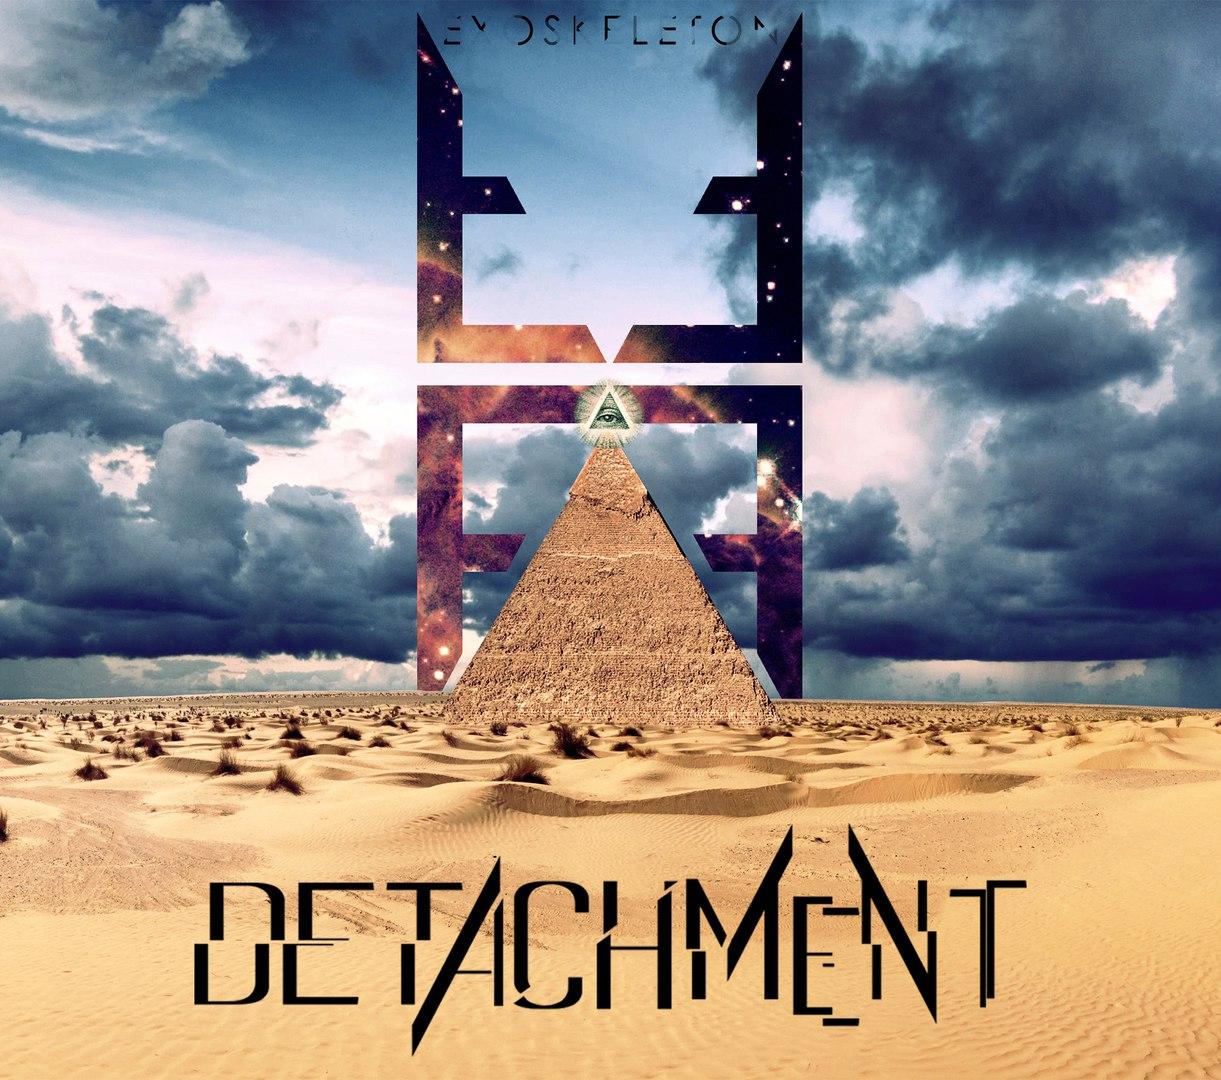 ExoSkeleton - Detachment (EP) (2016)